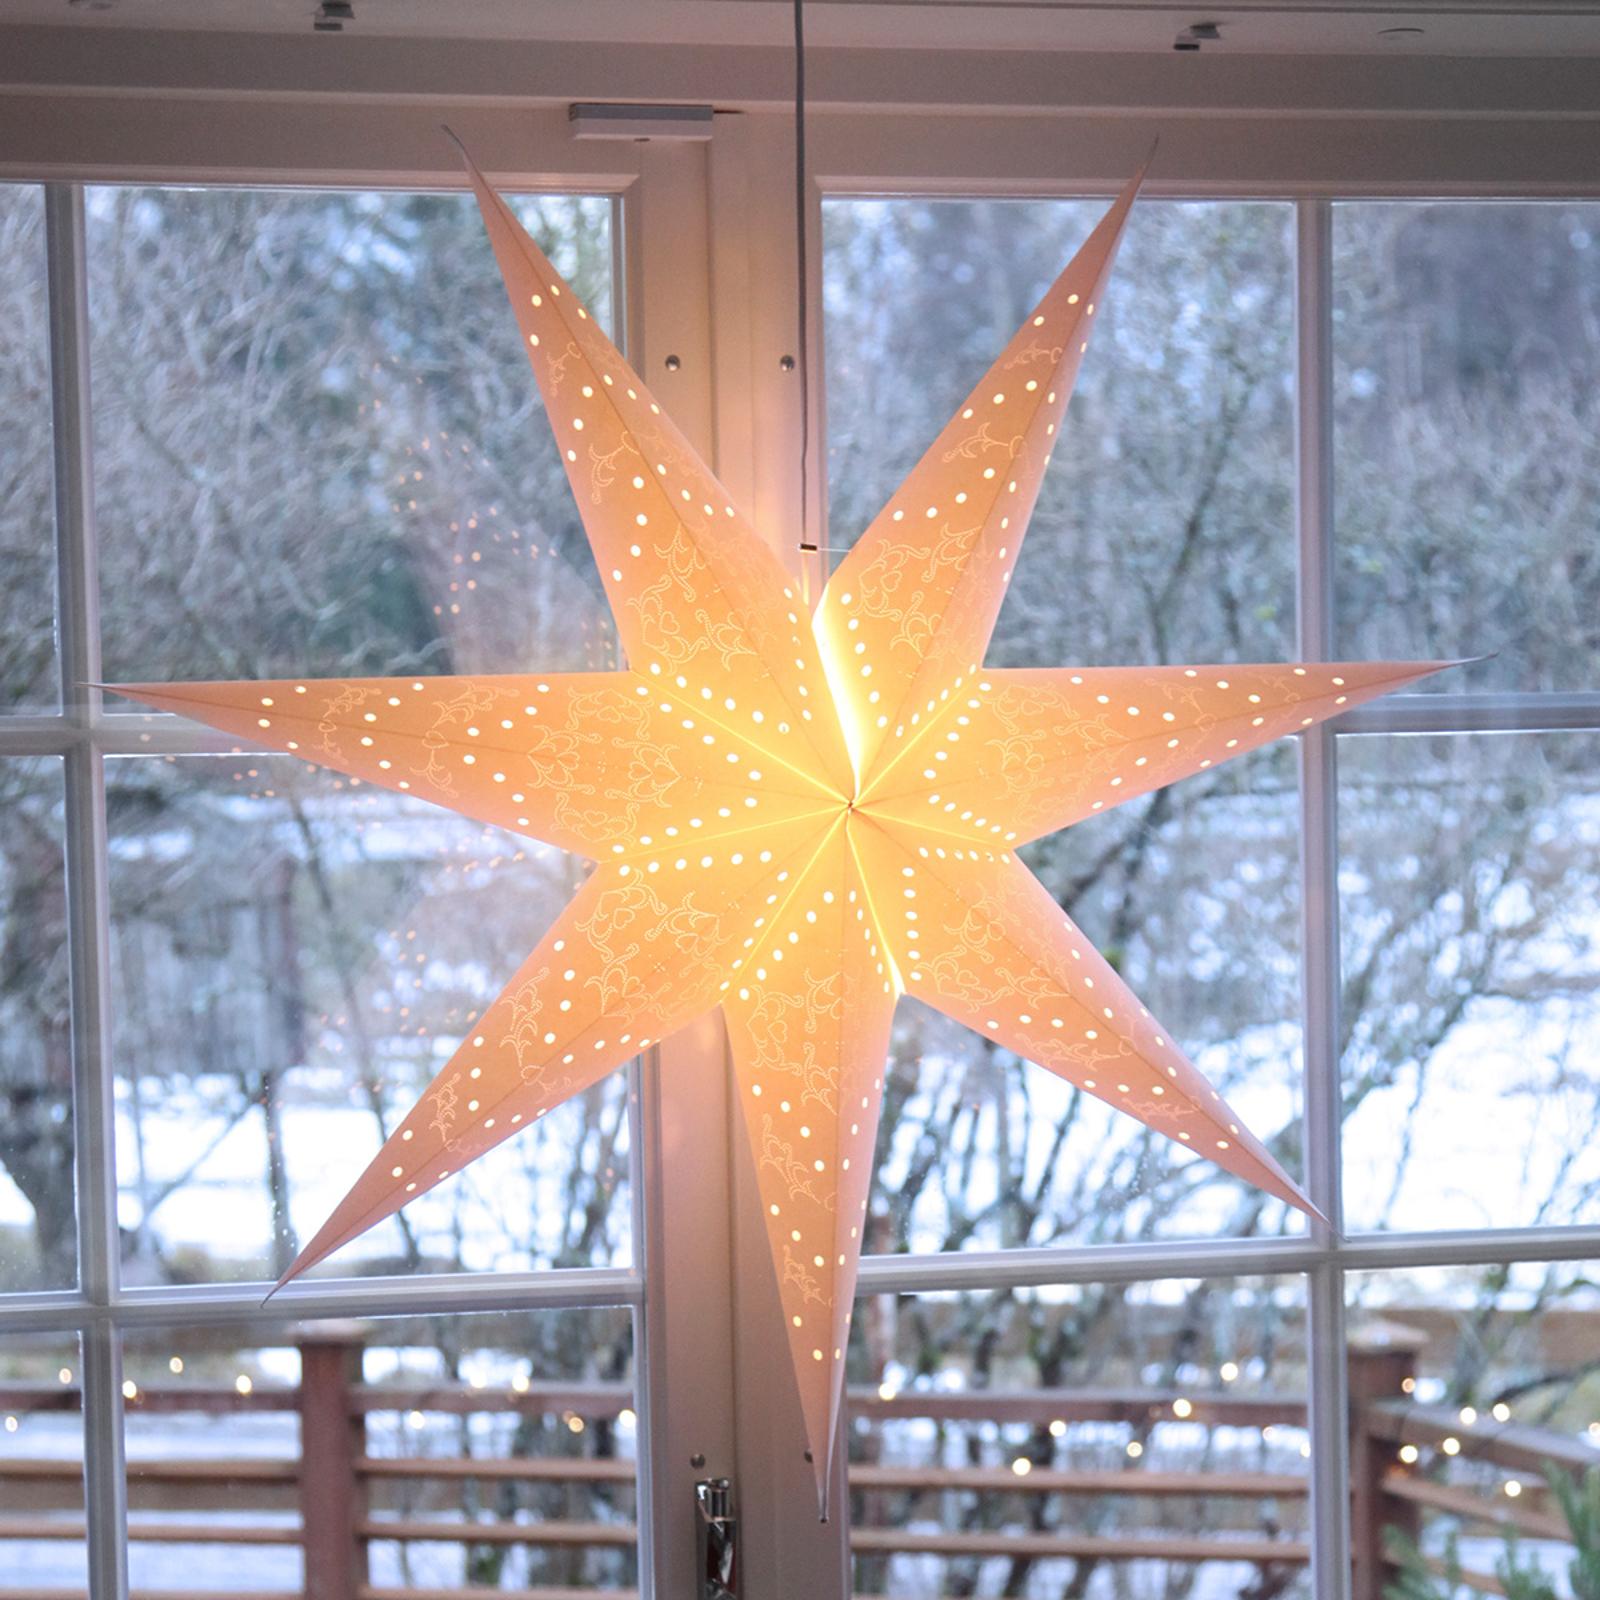 Siebenzackige Sensy Star Dekorationsleuchte